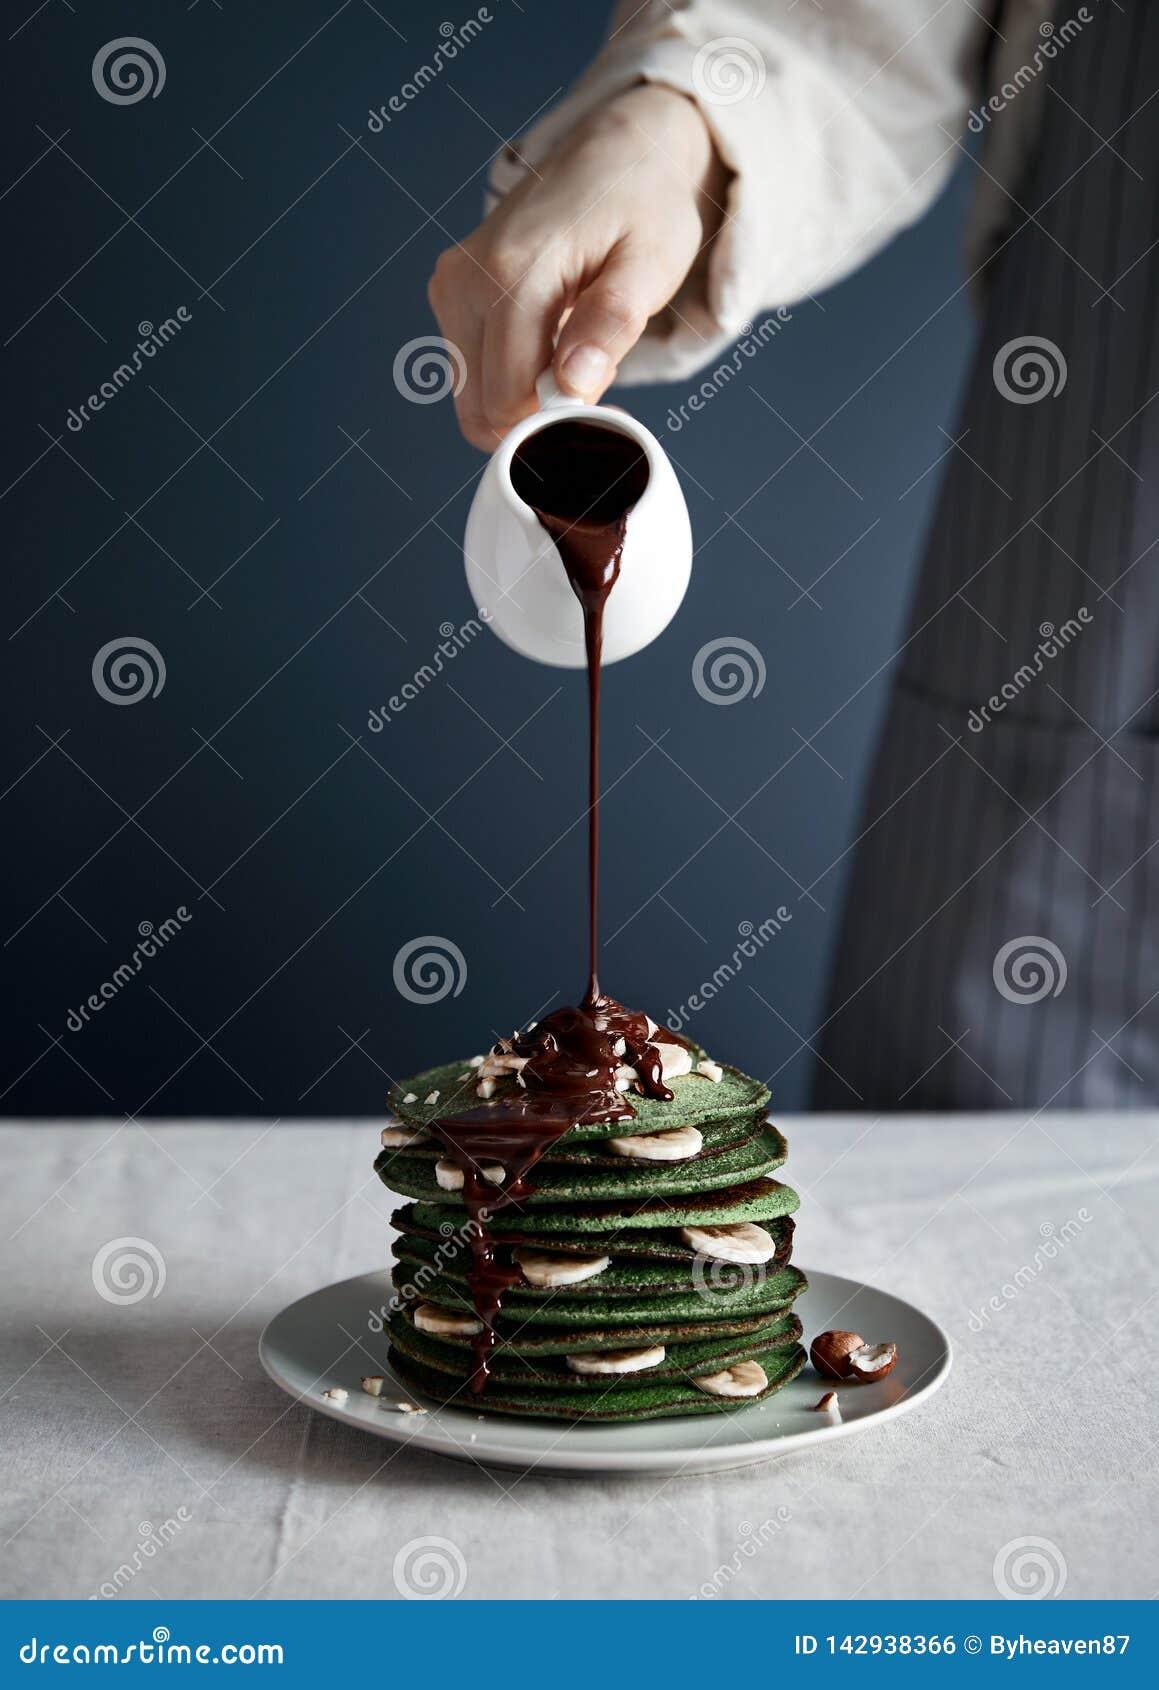 Зеленые блинчики с шоколадом на завтраке